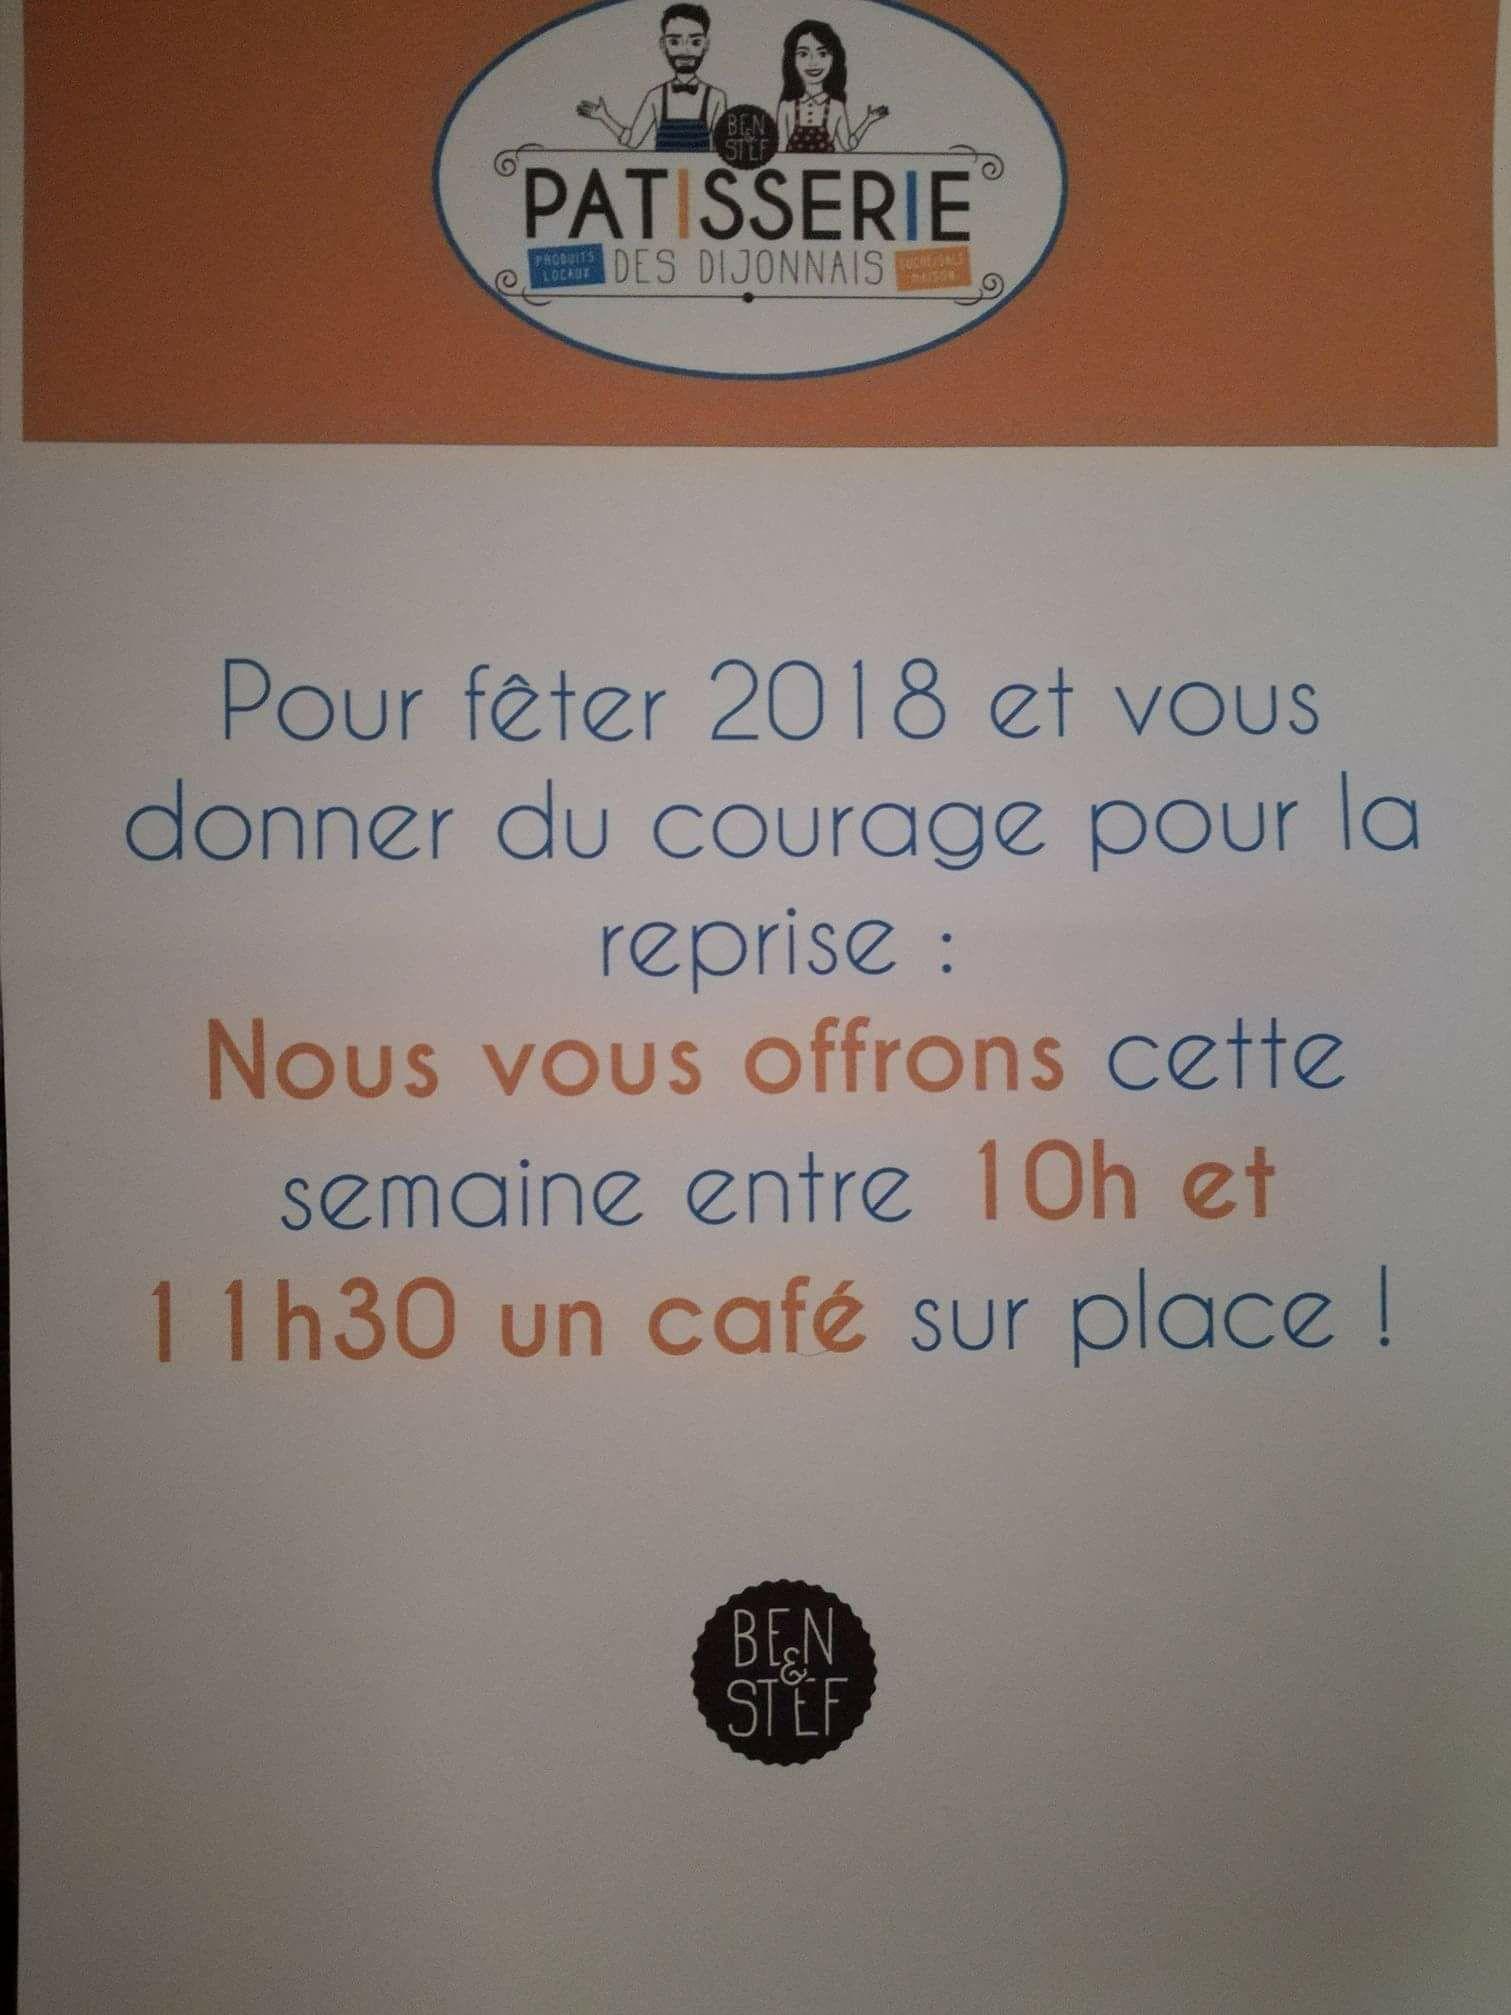 De 10h à 11h30 : 1 Café offert - Patisserie Ben & Stef Dijon (21)